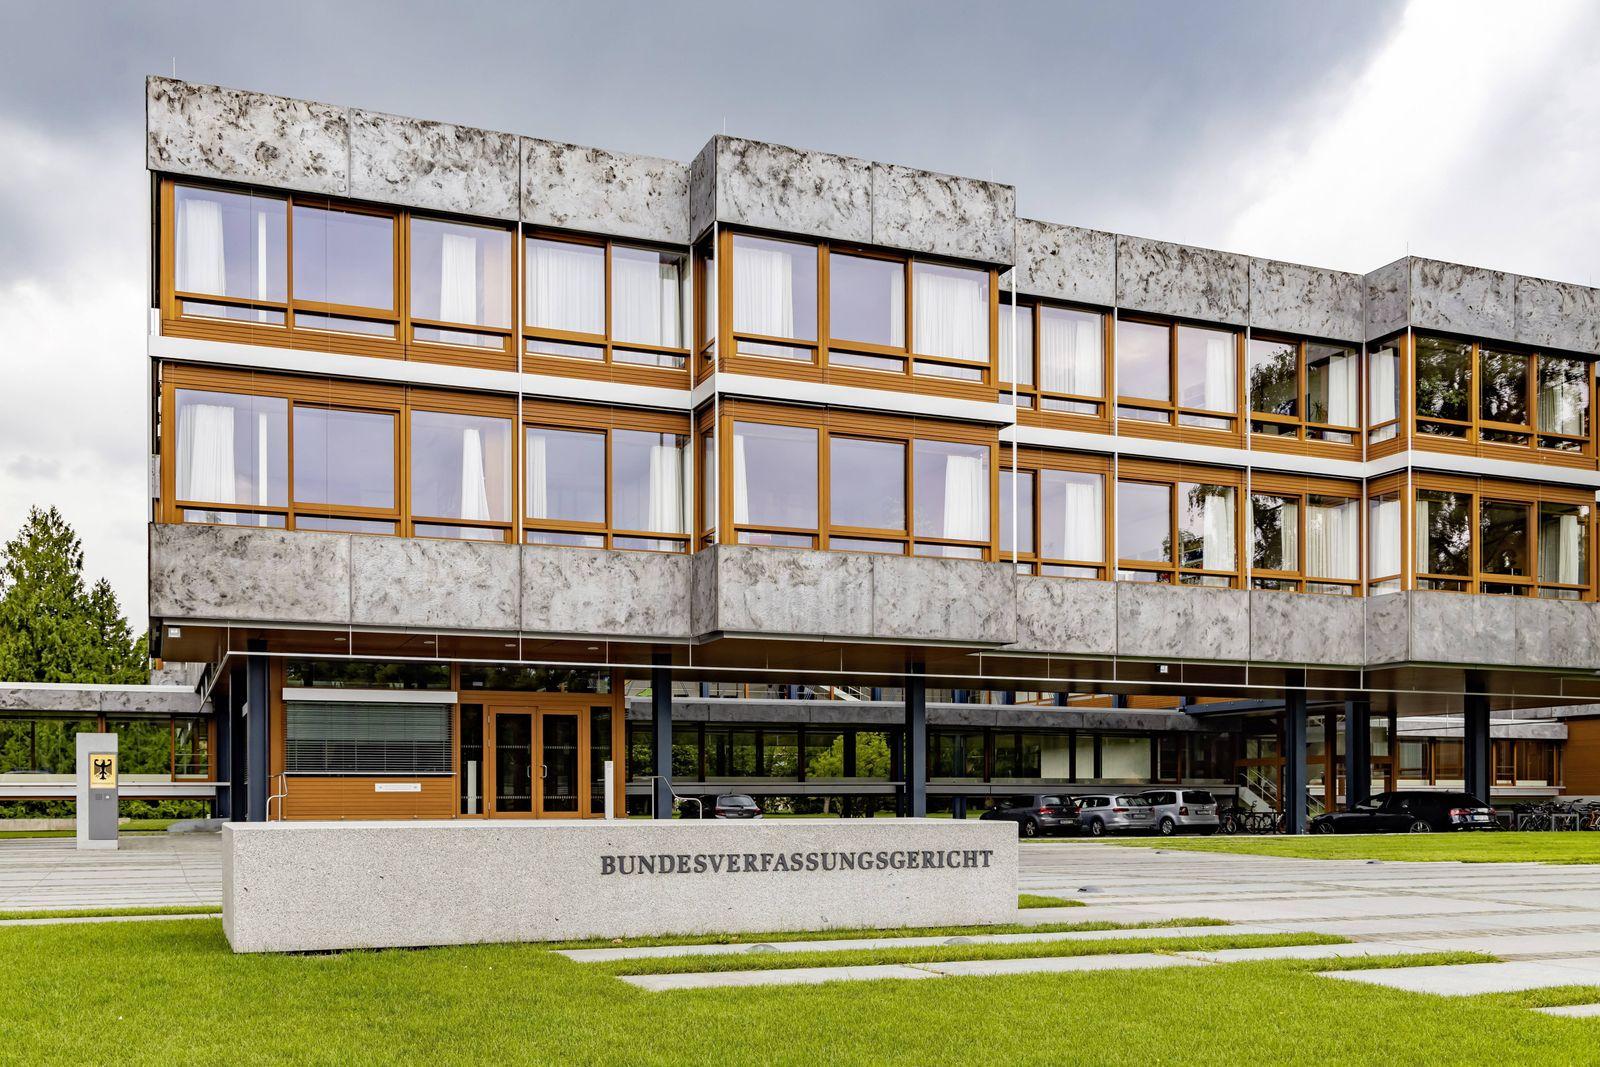 DEU, Deutschland, Baden-Württemberg, Karlsruhe, 04.08.2019: Bundesverfassungsgericht (BVerfG) in Karlsruhe. *** DEU, Ge